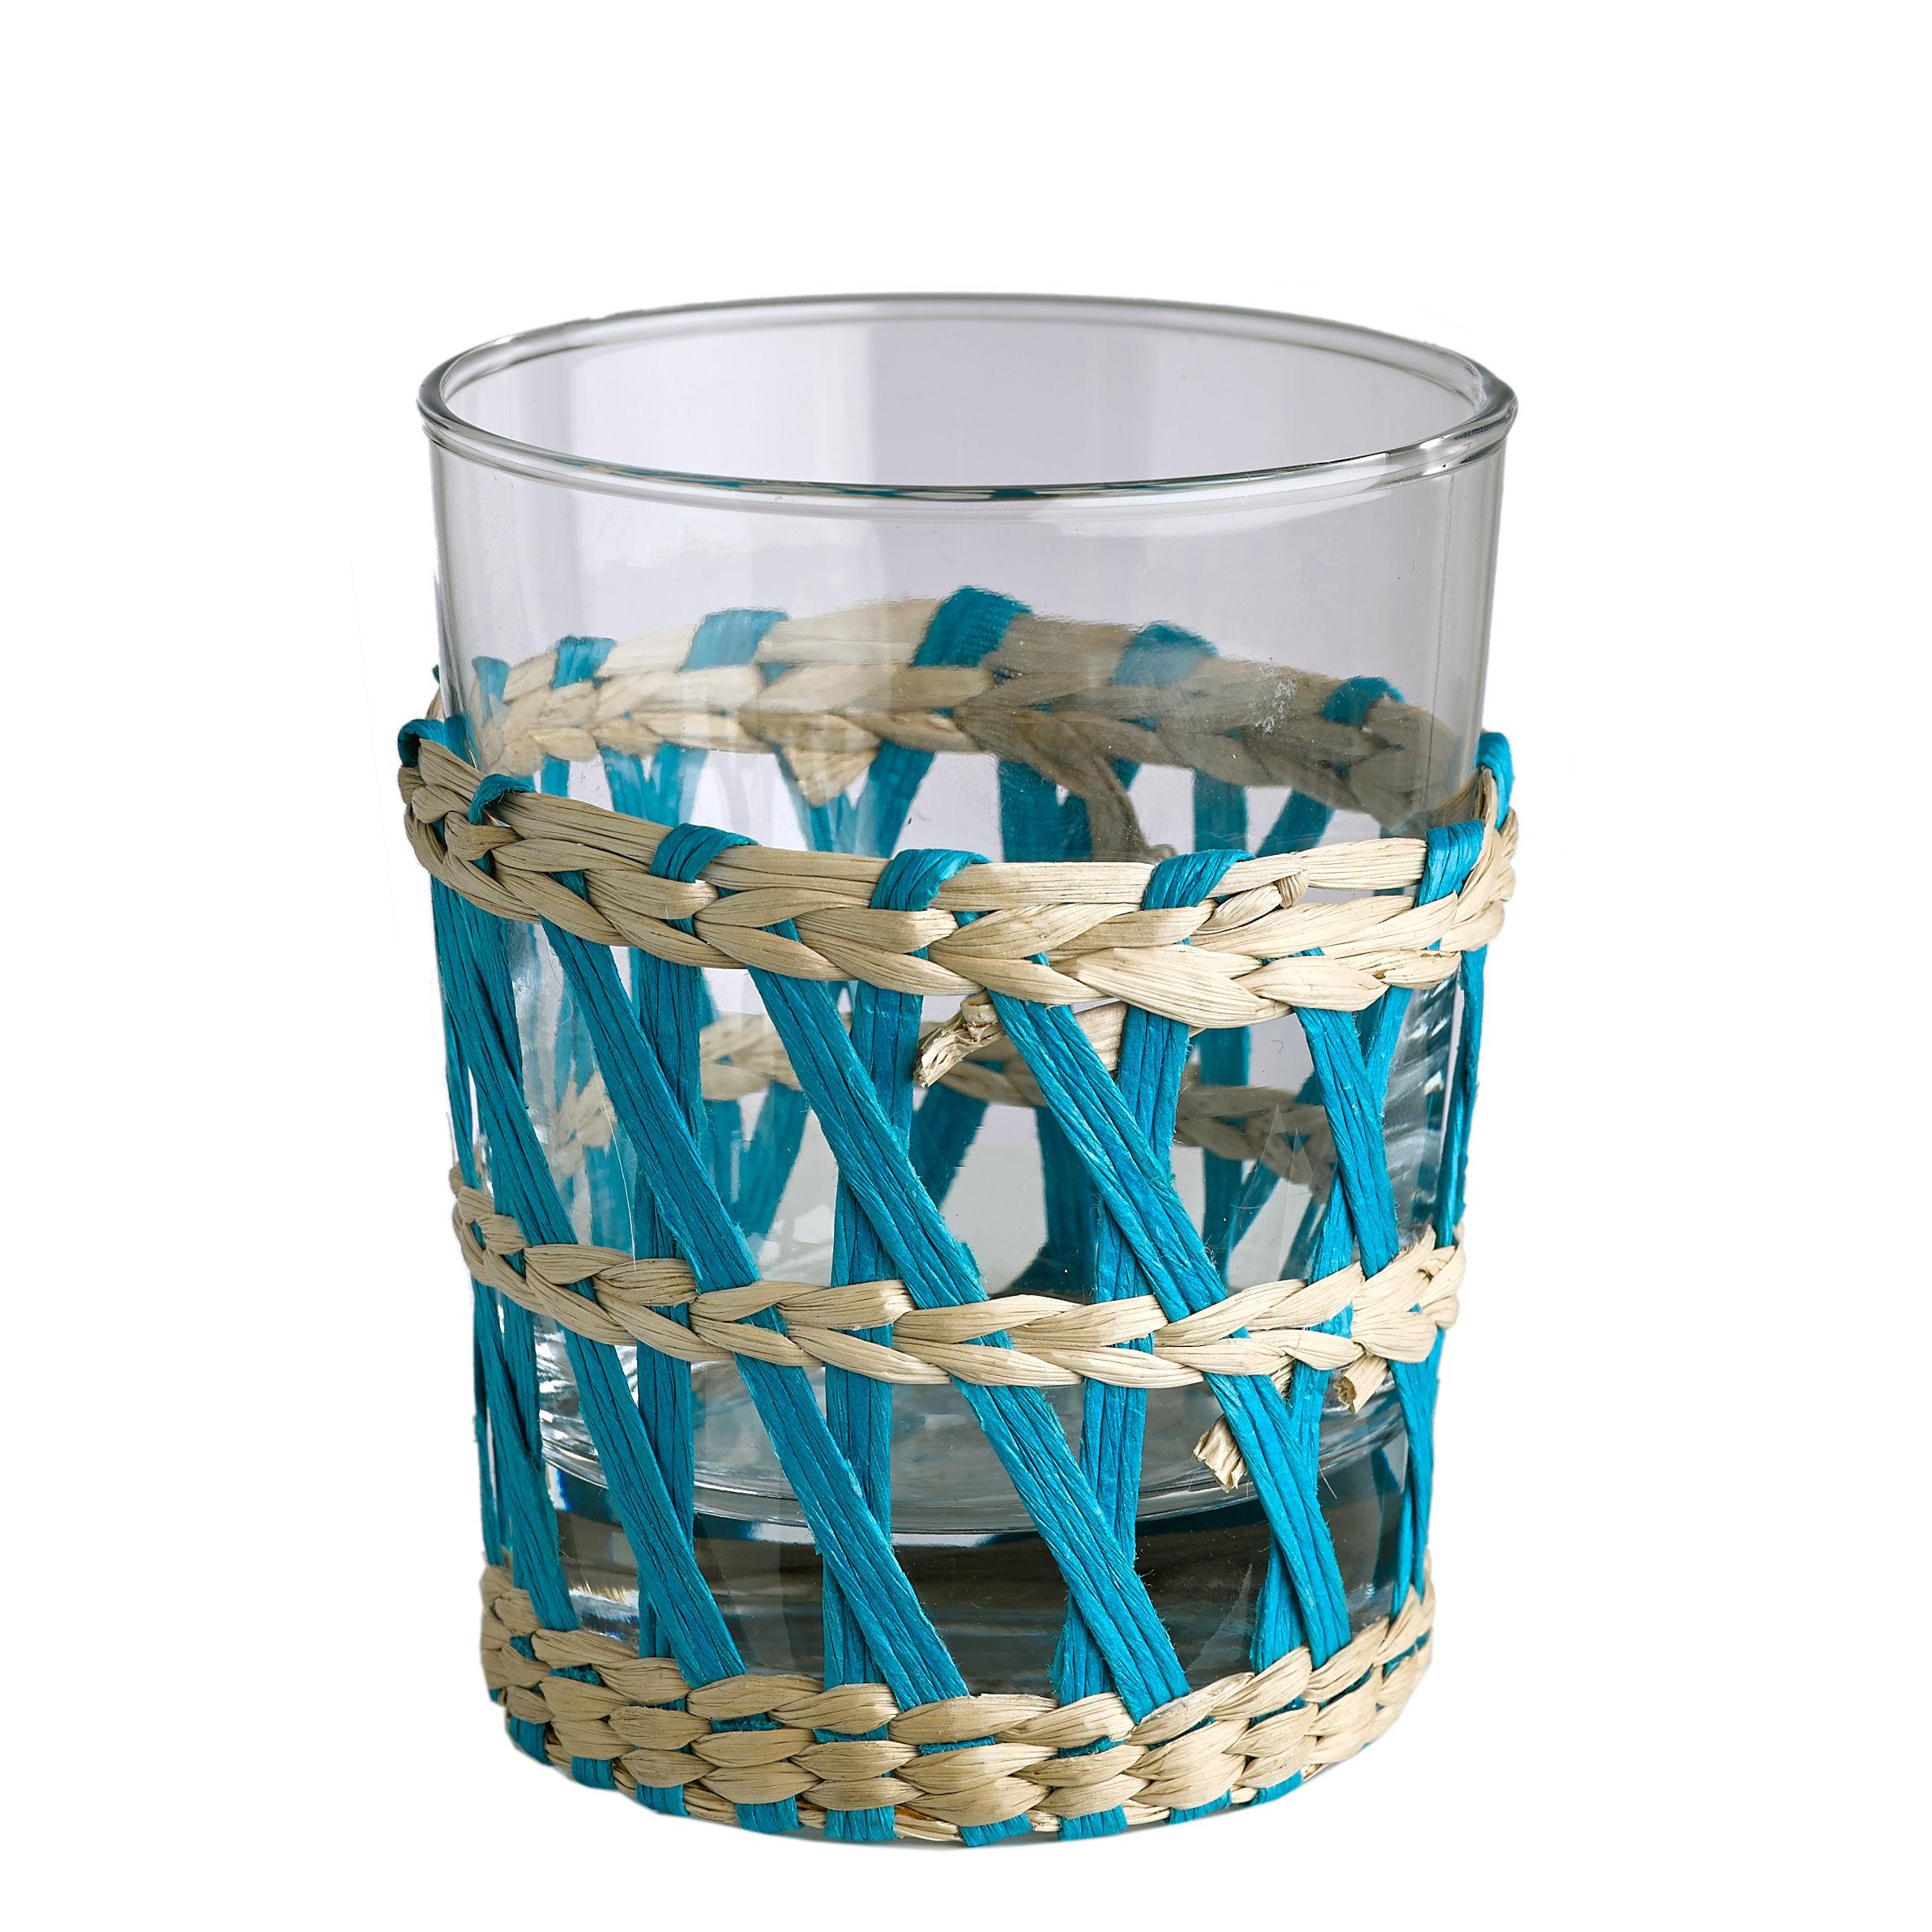 reed 6er set glas schilfgeflecht pols potten wasserglas. Black Bedroom Furniture Sets. Home Design Ideas